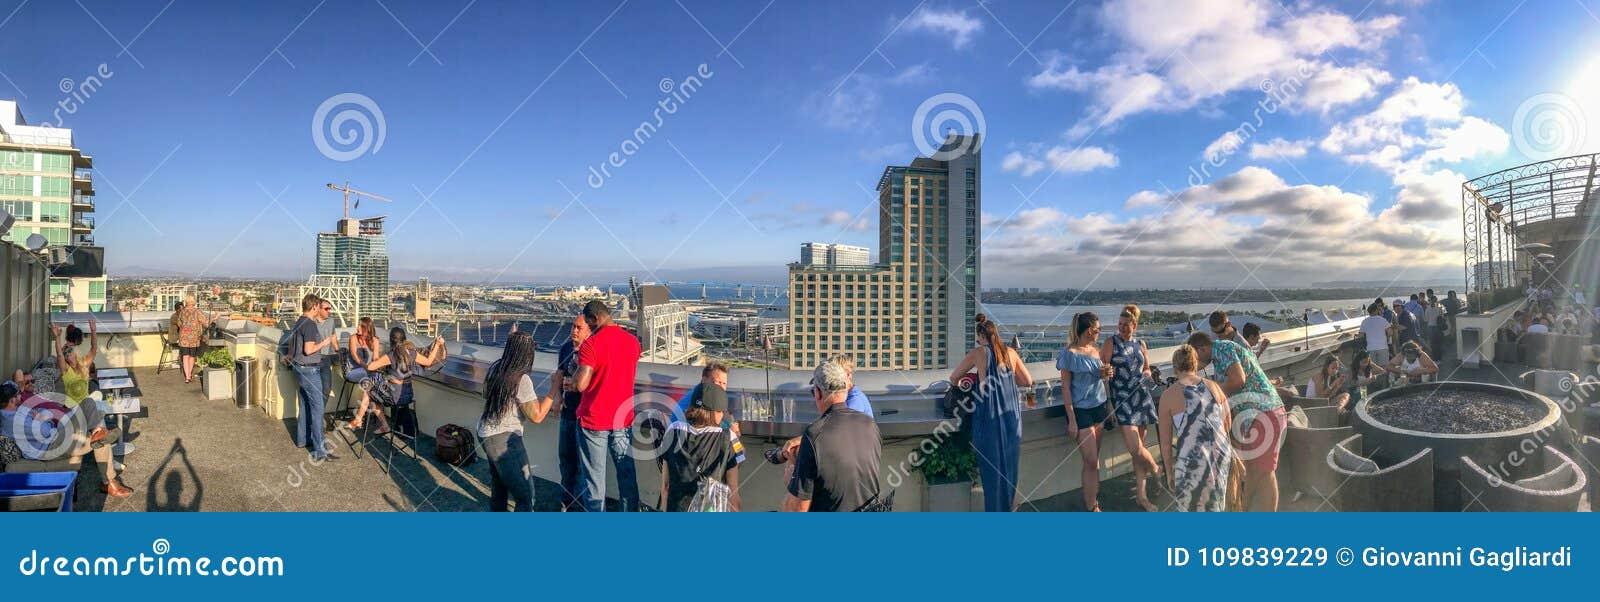 САН-ДИЕГО, CA - 30-ОЕ ИЮЛЯ 2017: Туристы на крыше наслаждаются городом